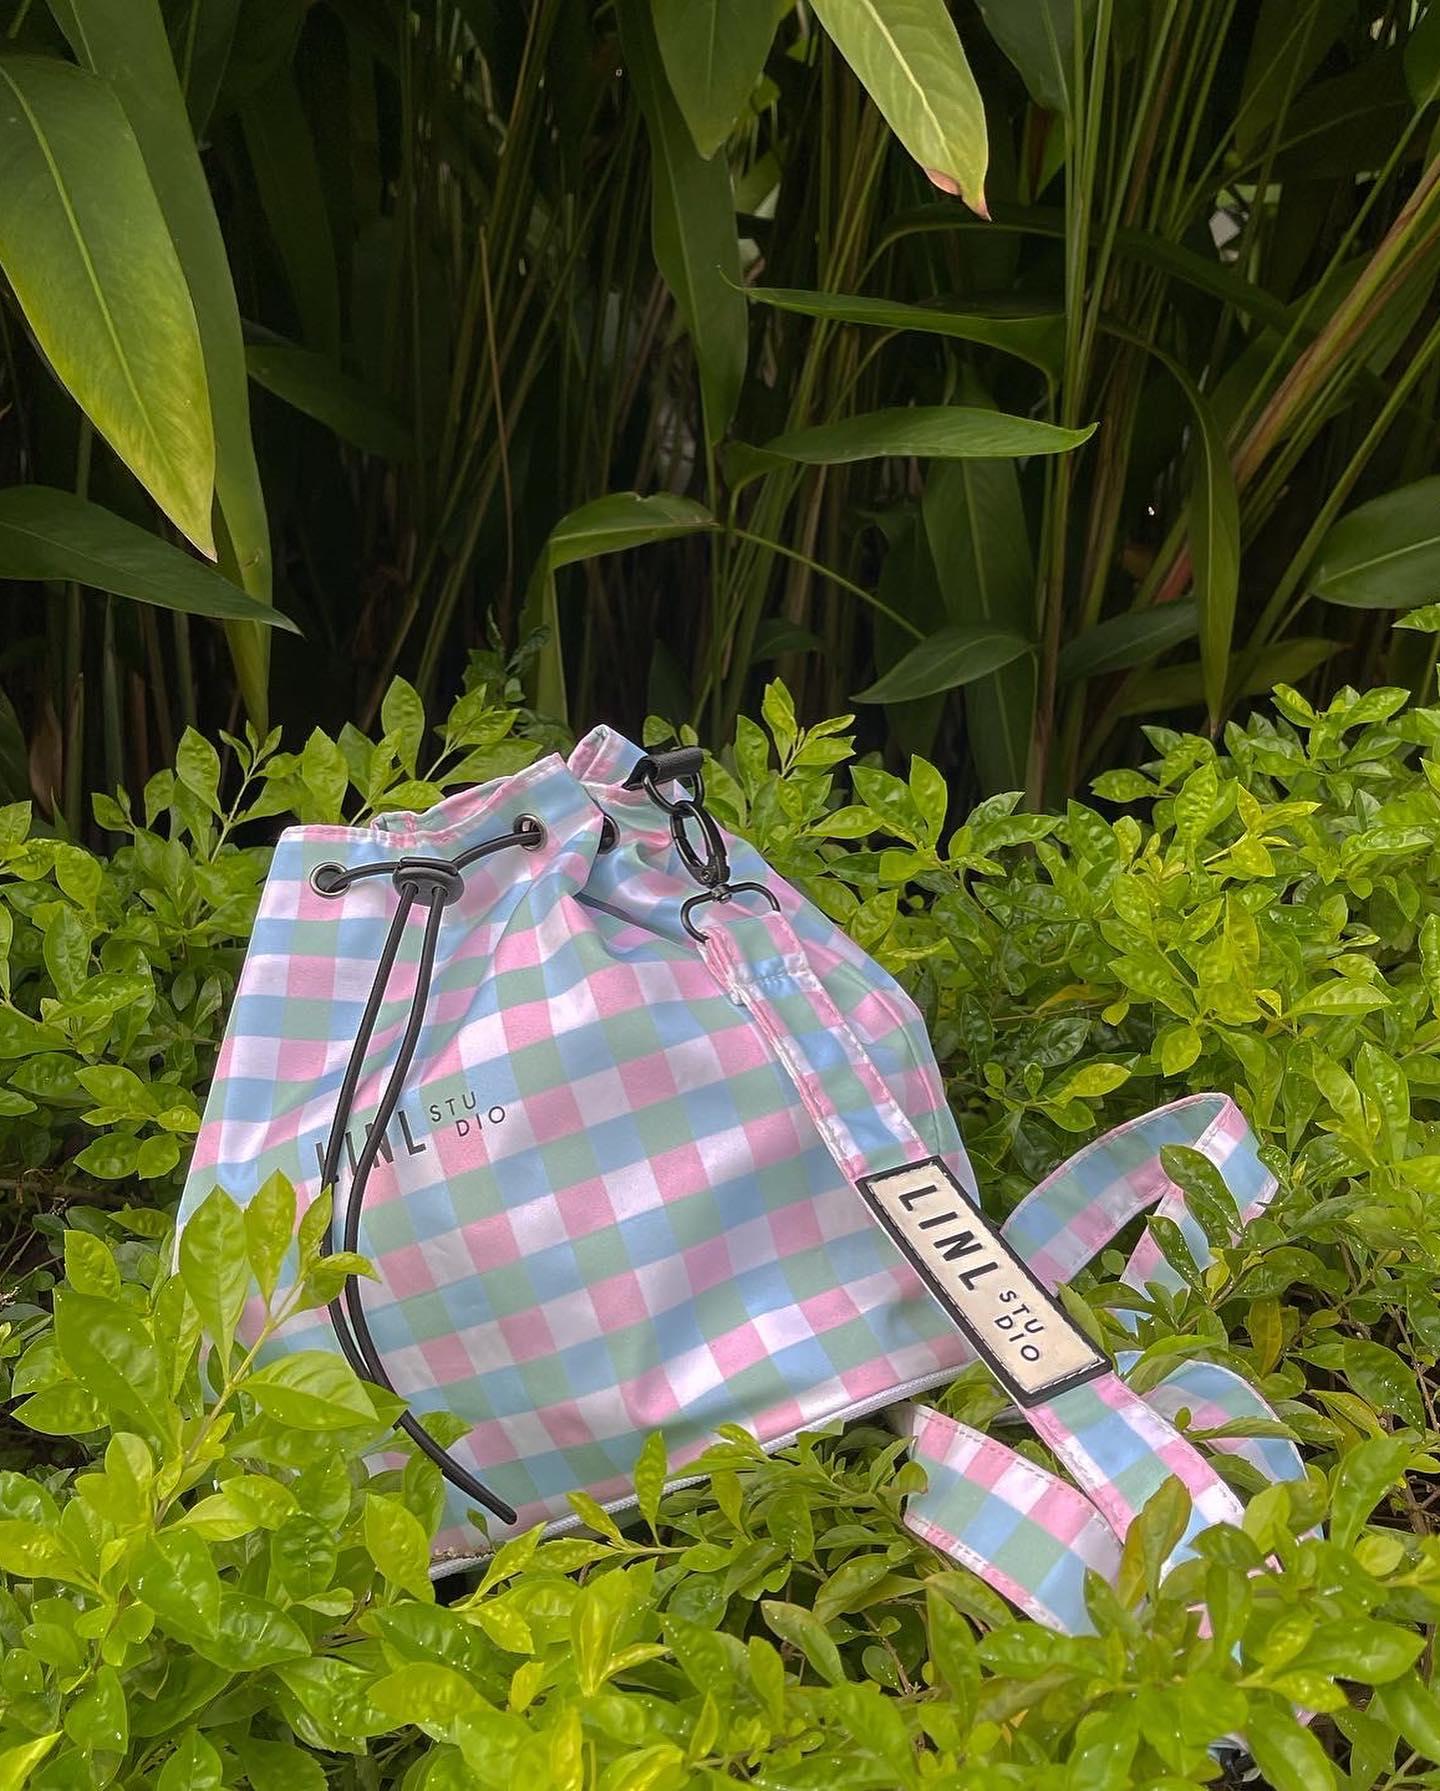 Chiếc túi canvas này có thể đeo theo 3 cách tạo nên 3 cá tính thời trang khác nhau: đeo chéo, đeo vai ngắn, đeo balo